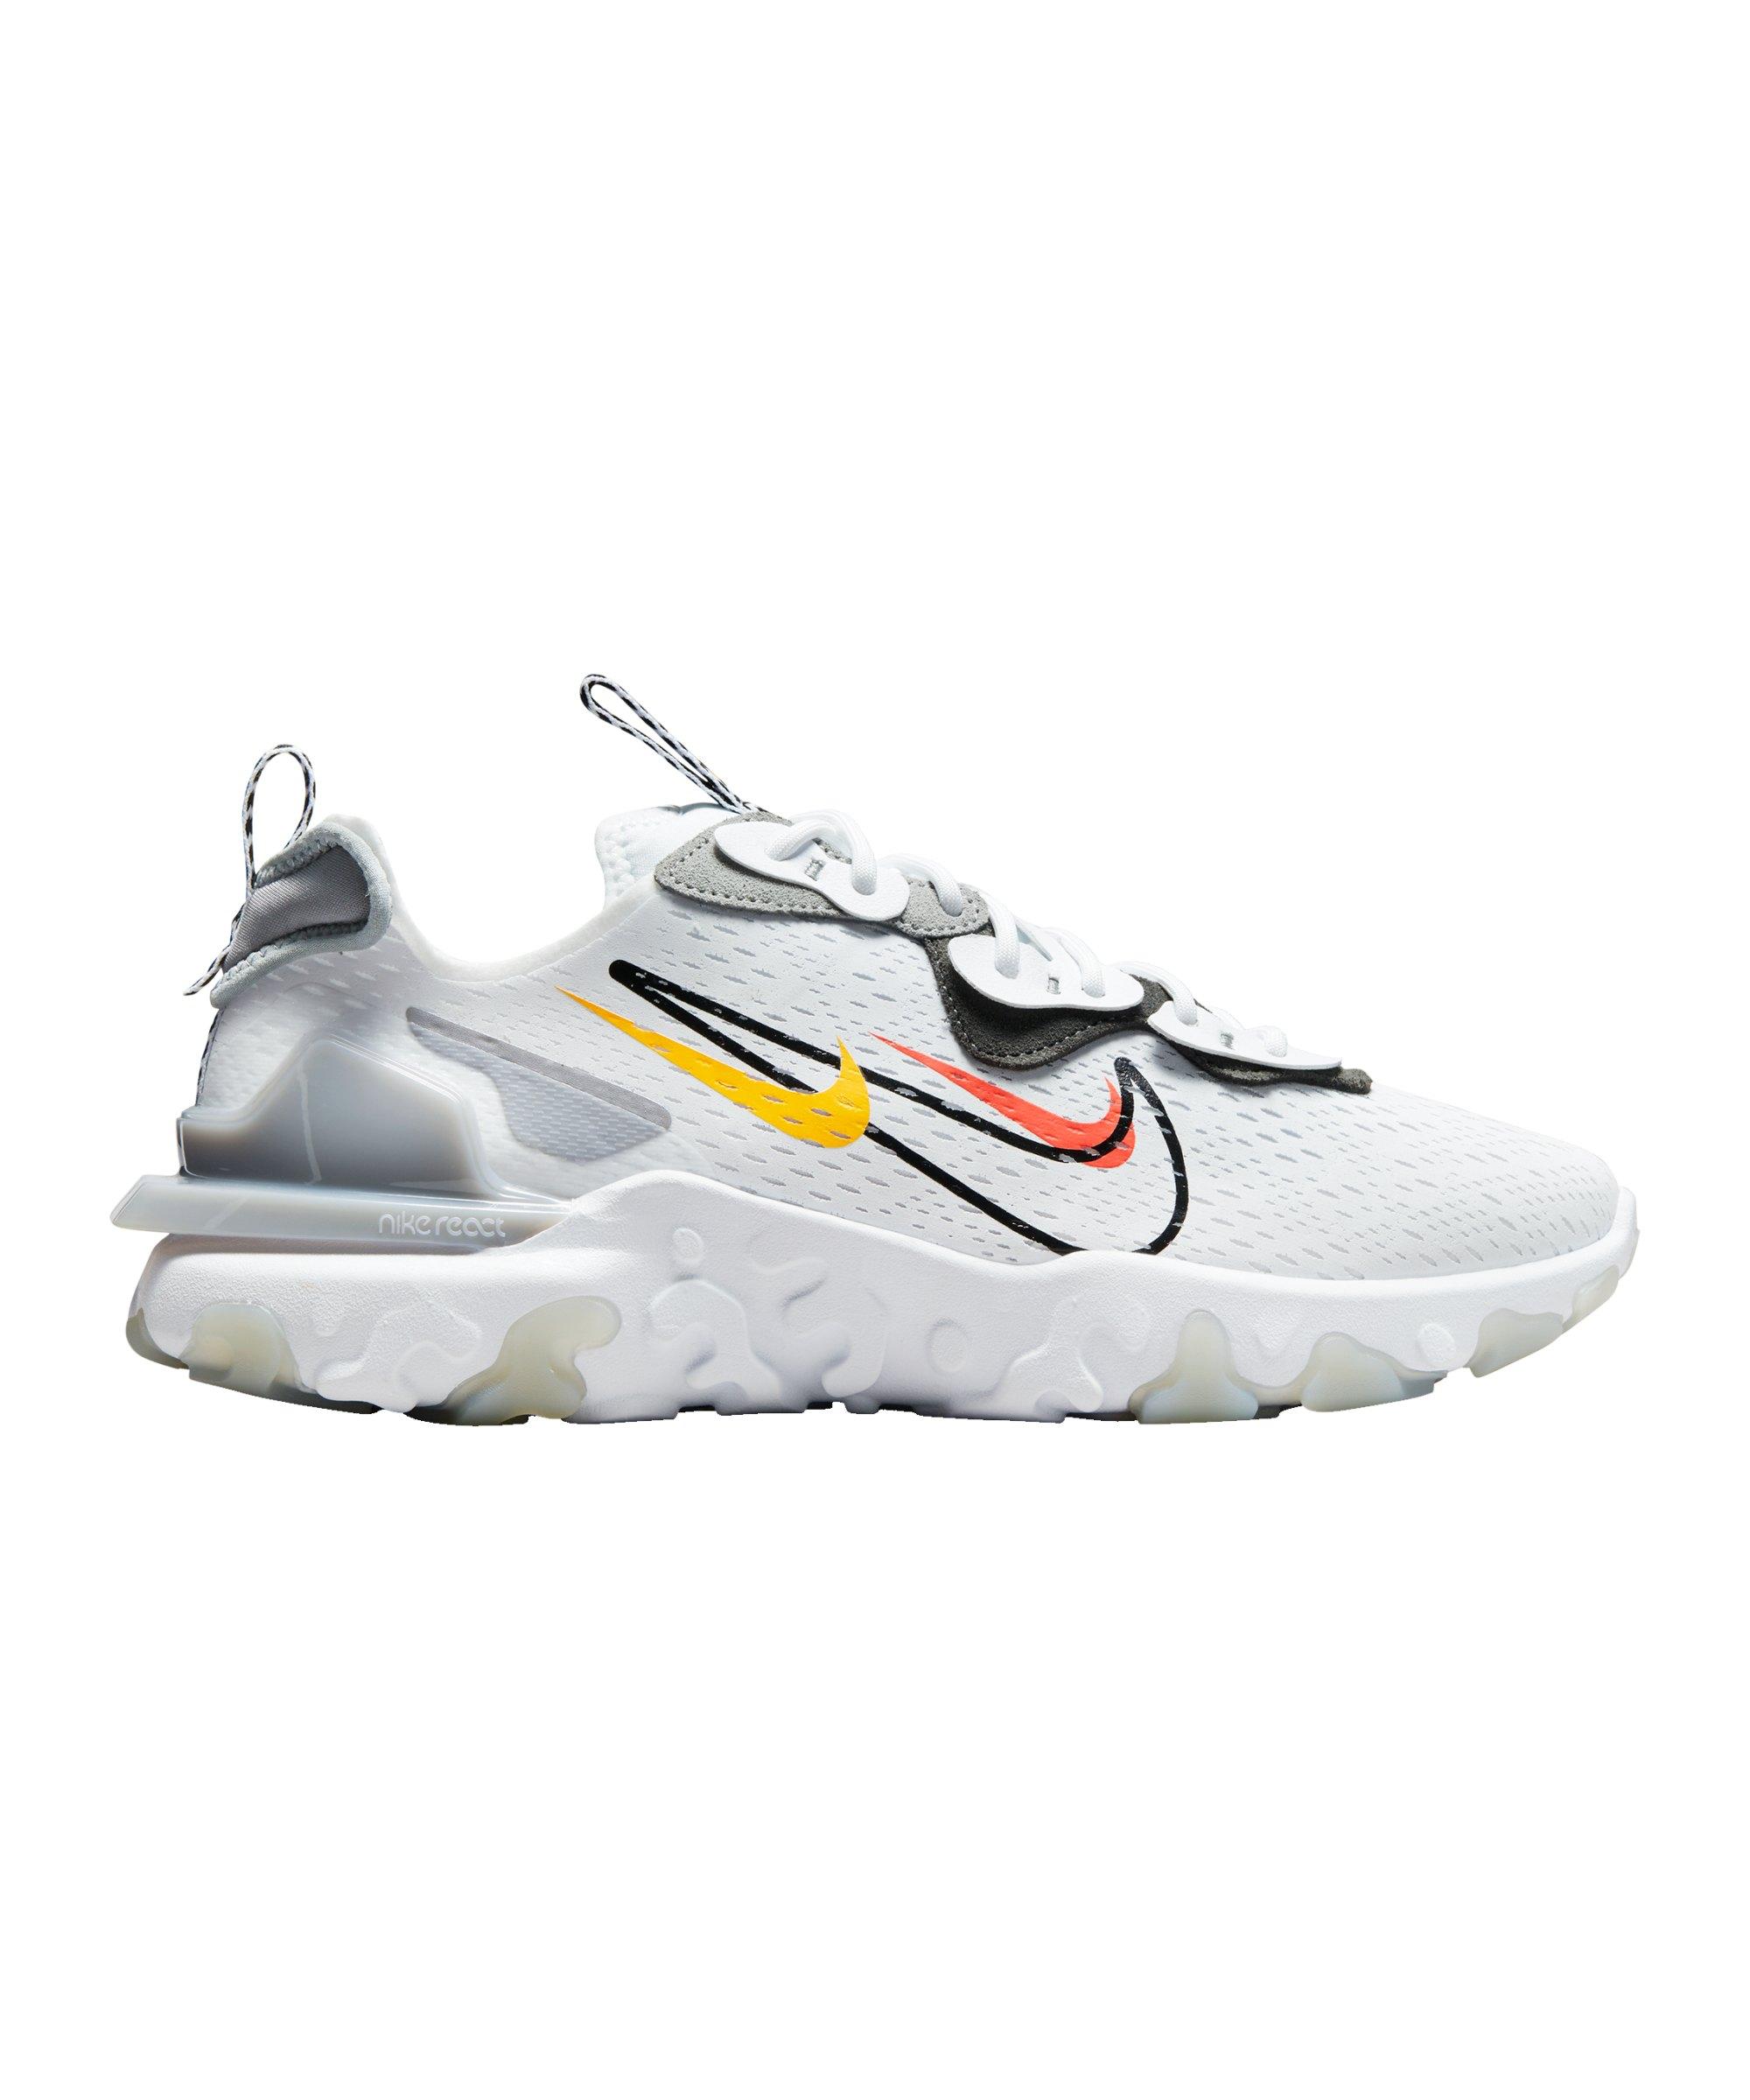 Nike React Vision Running Weiss Schwarz F101 - weiss